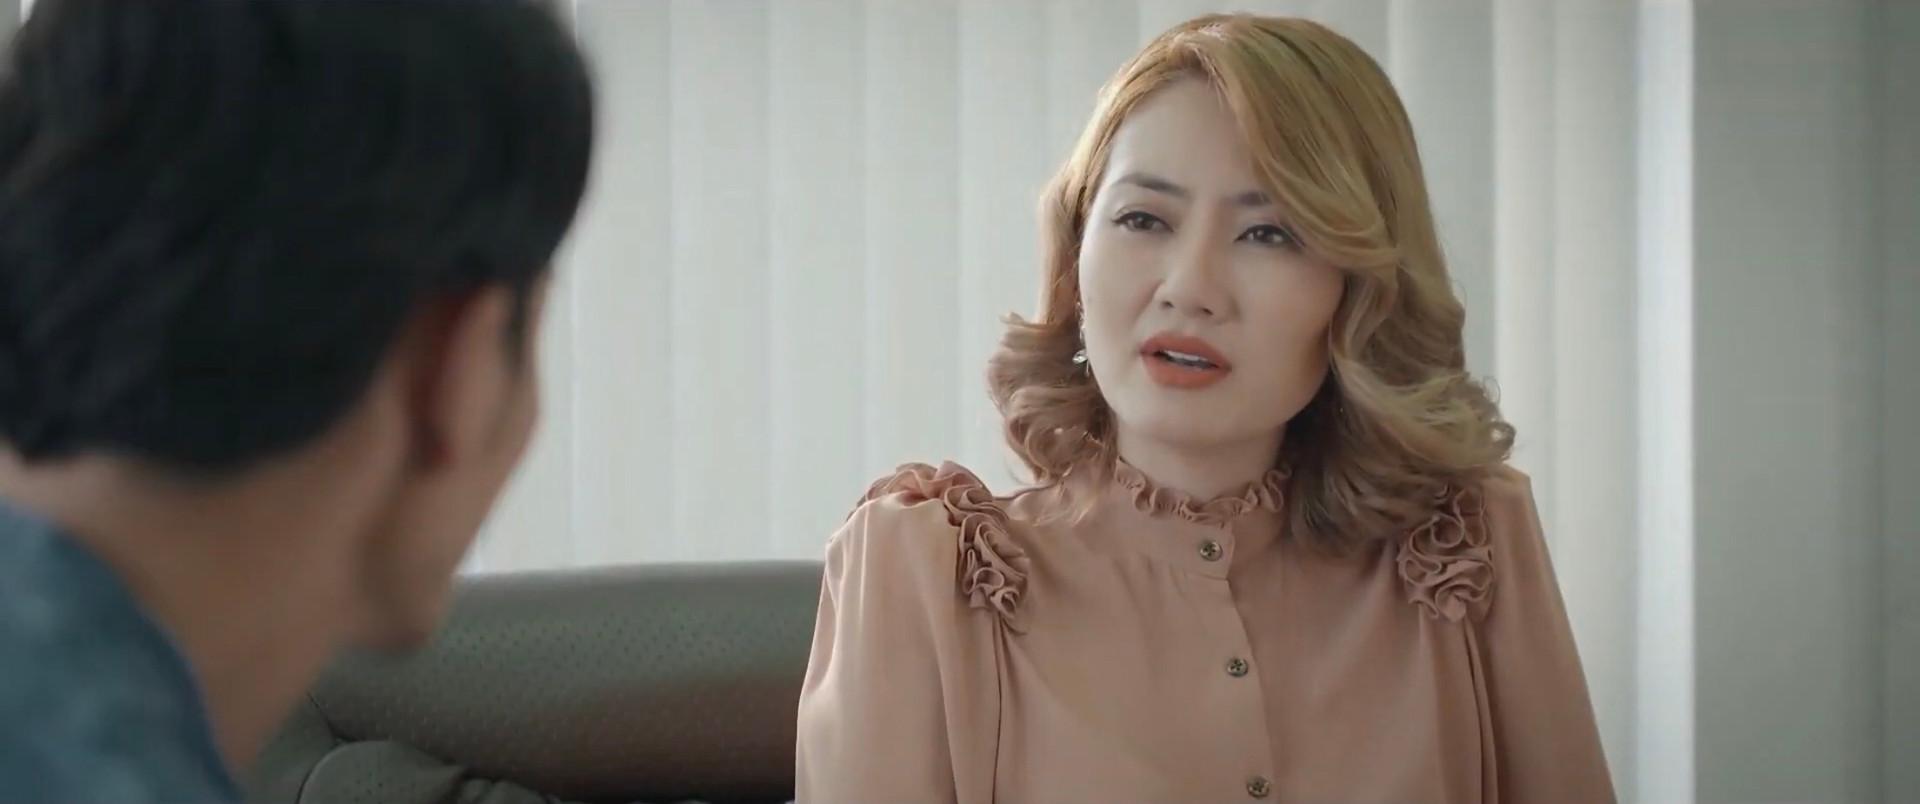 """""""Trói buộc yêu thương"""" tập 3: Khánh gặp lại người yêu cũ"""